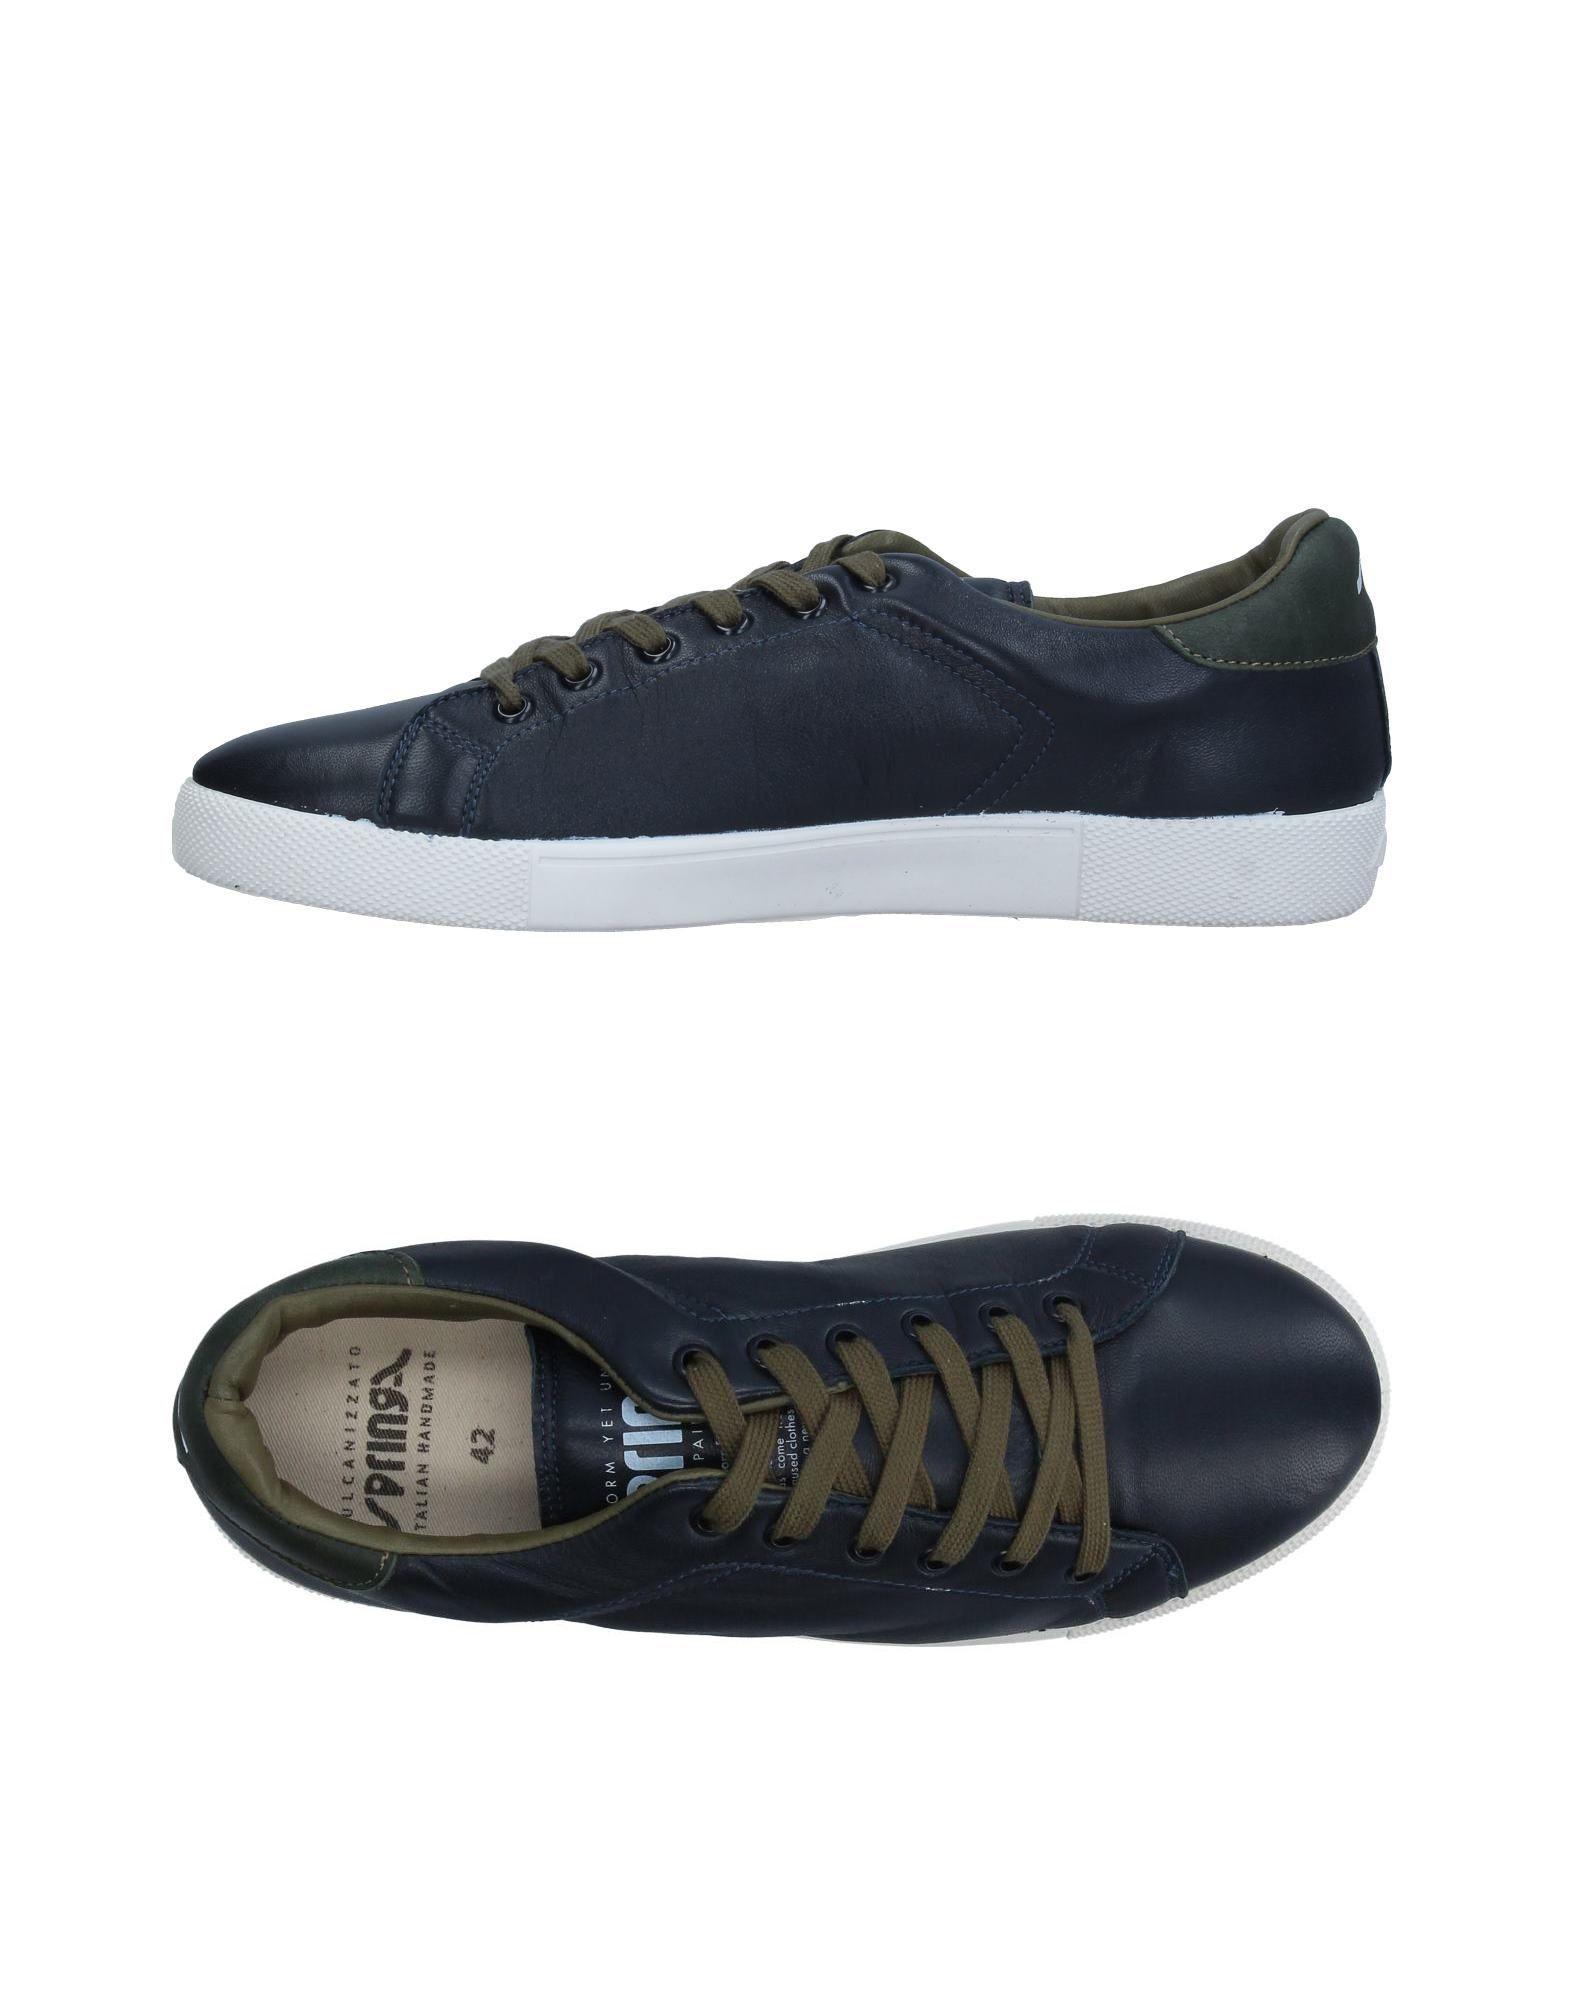 Rabatt echte Schuhe Herren Springa Sneakers Herren Schuhe  11329479IT 1c1733